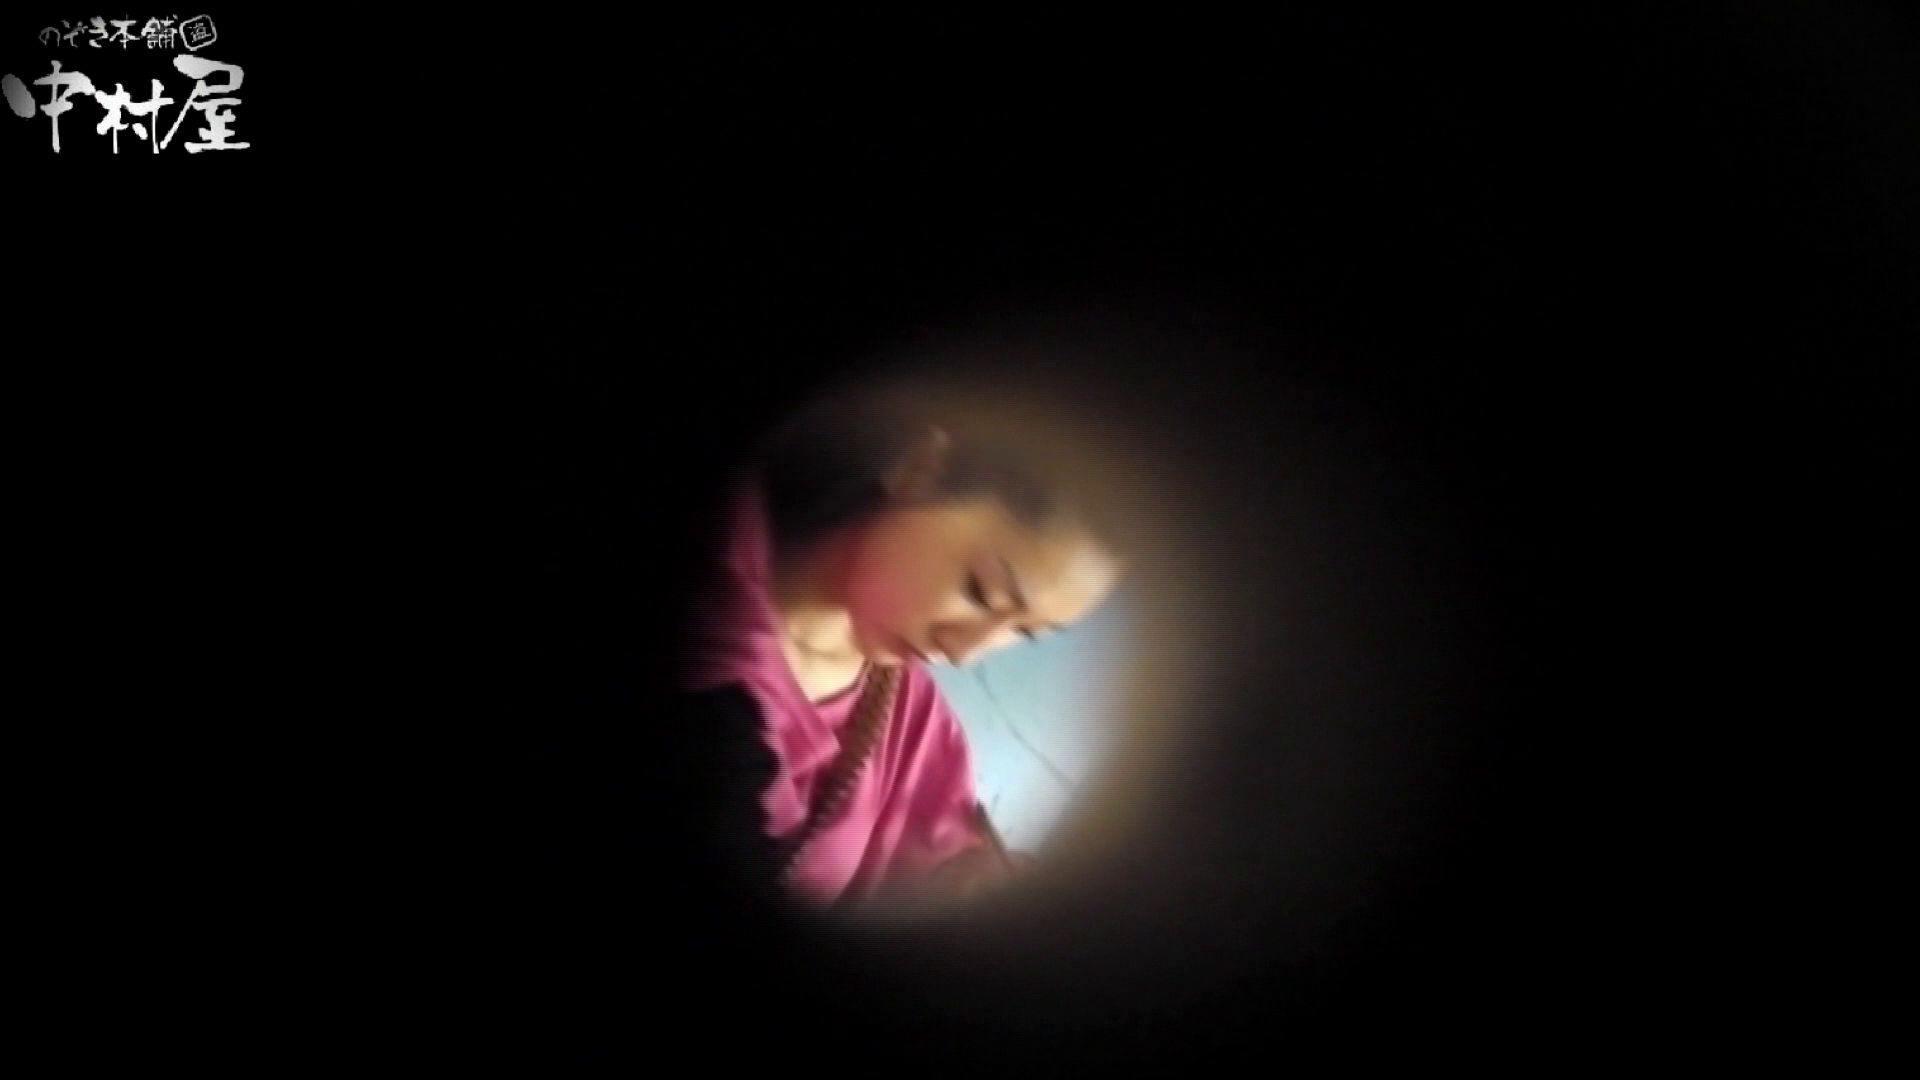 世界の射窓から~vol47 珍しい、毛からしたってくる聖水 OLエロ画像  113PICs 26